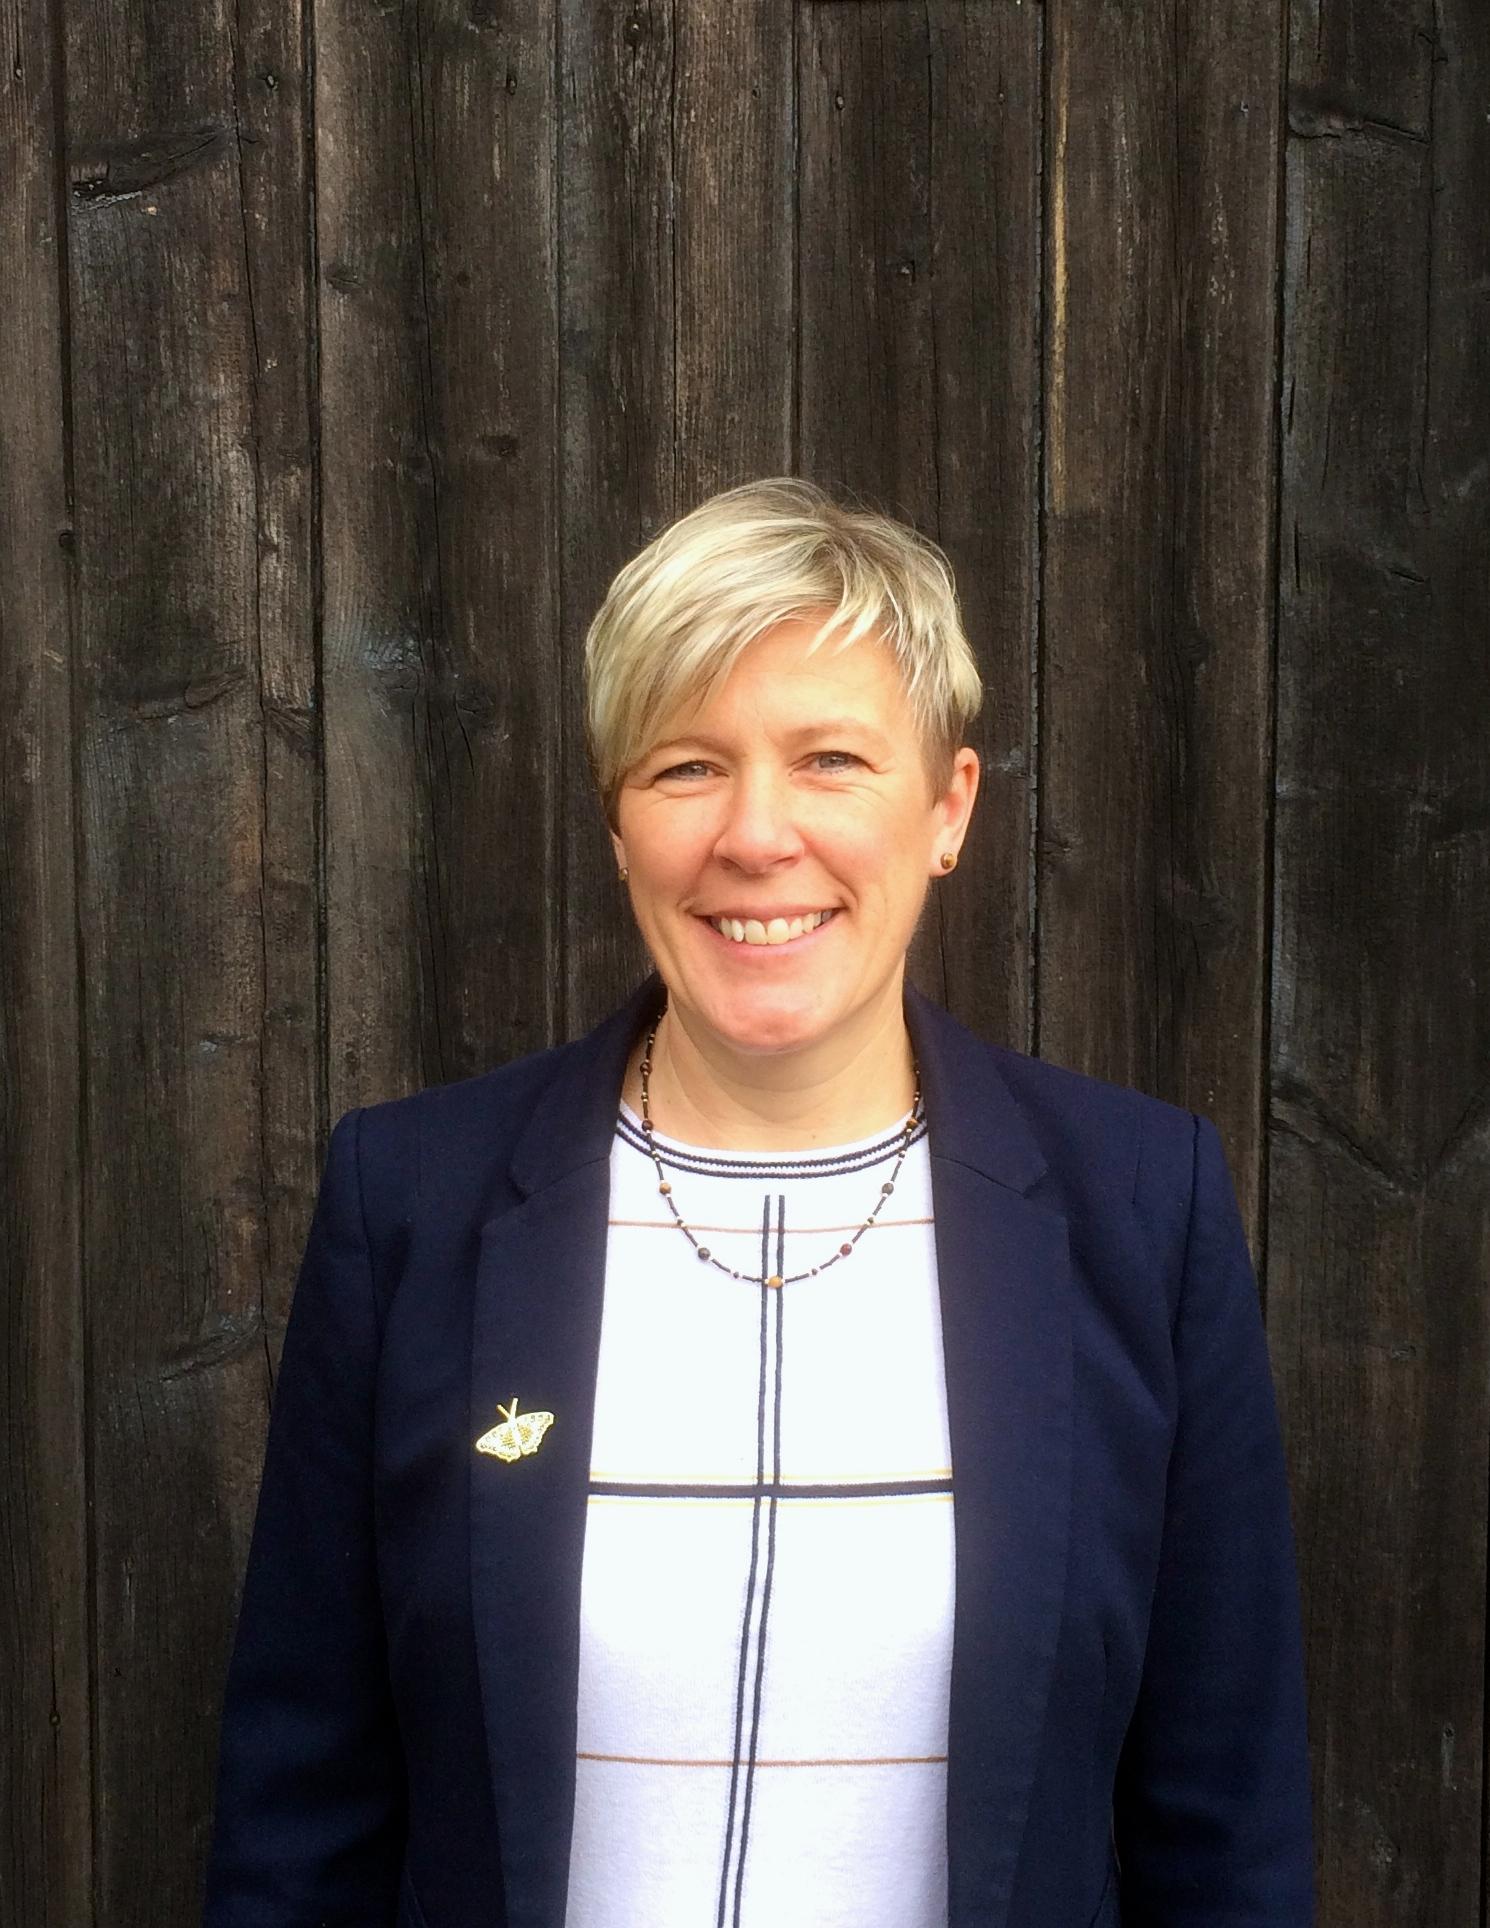 https://www.learningtoshapebirmingham.co.uk/wp-content/uploads/2020/09/Jayne-Welsh.jpg